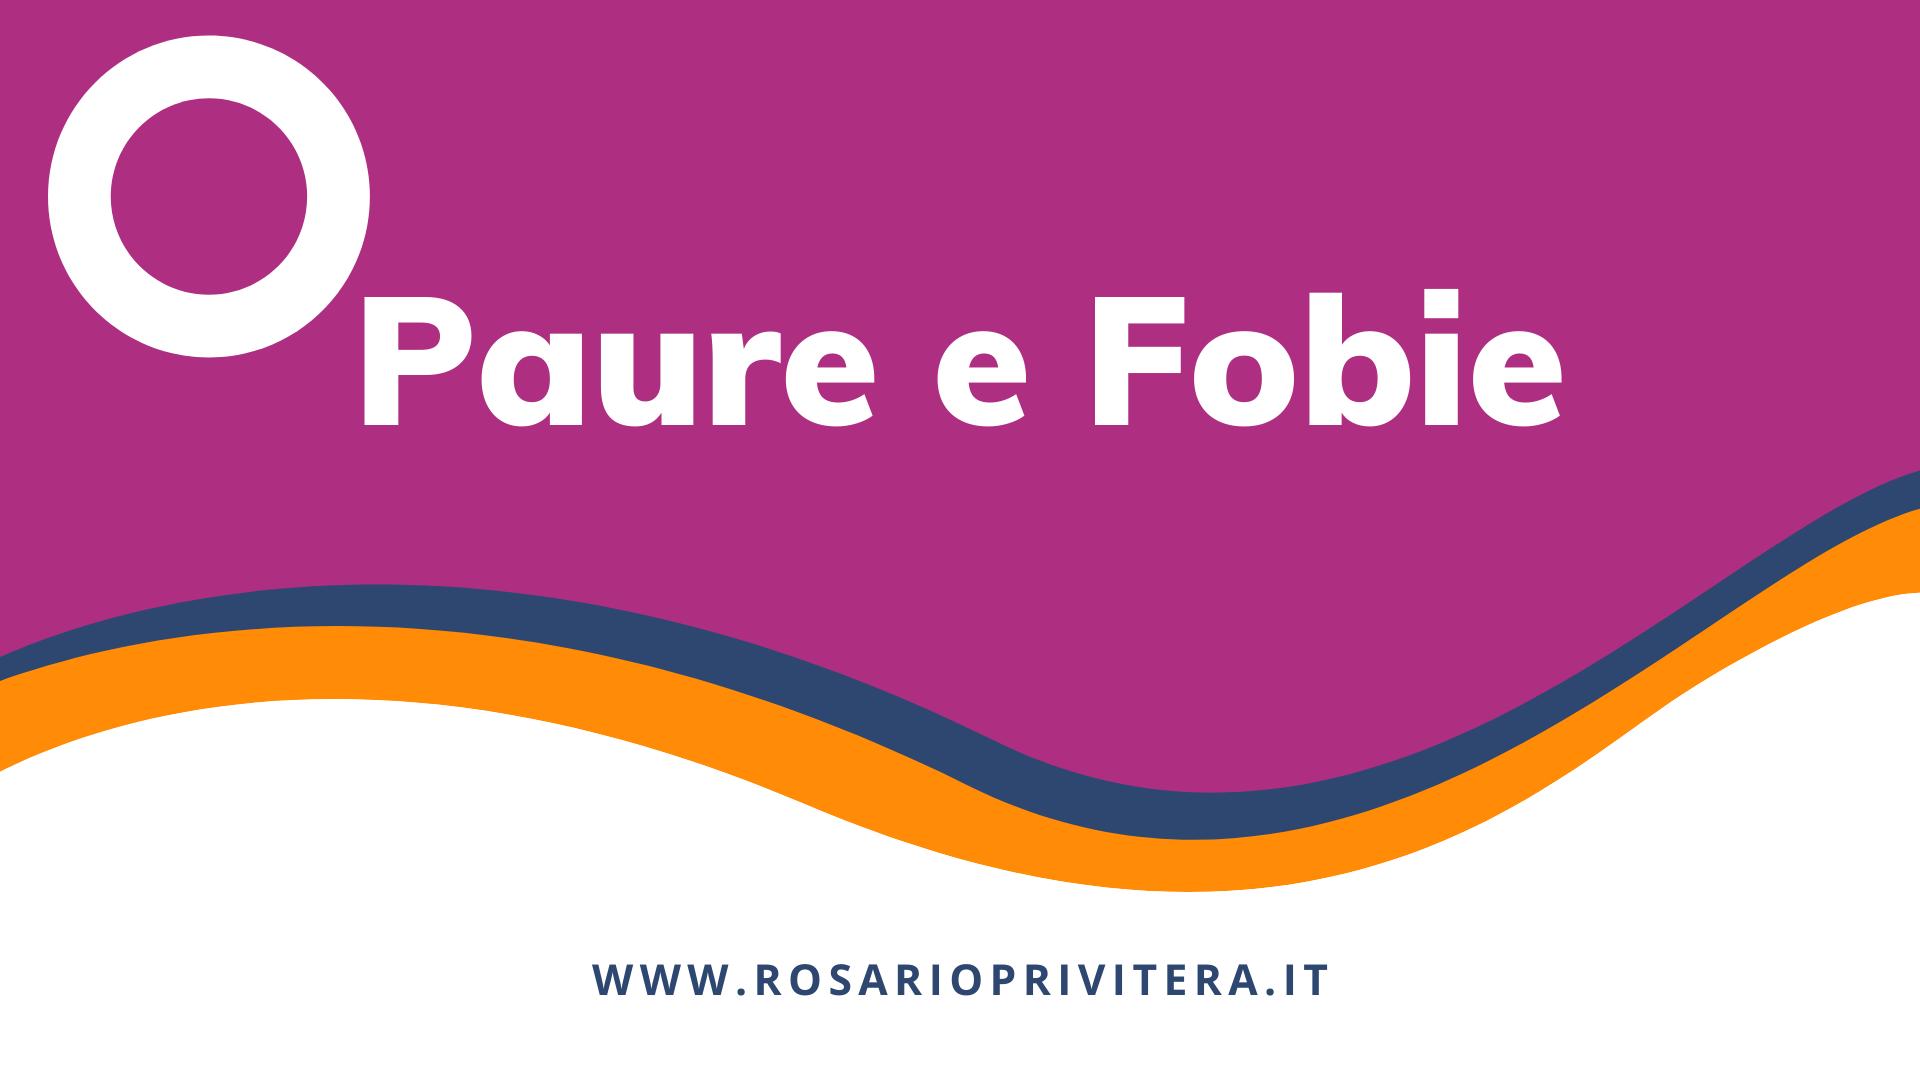 Paure e fobie_Rosario Privitera, psicologo LGBT a Milano e online